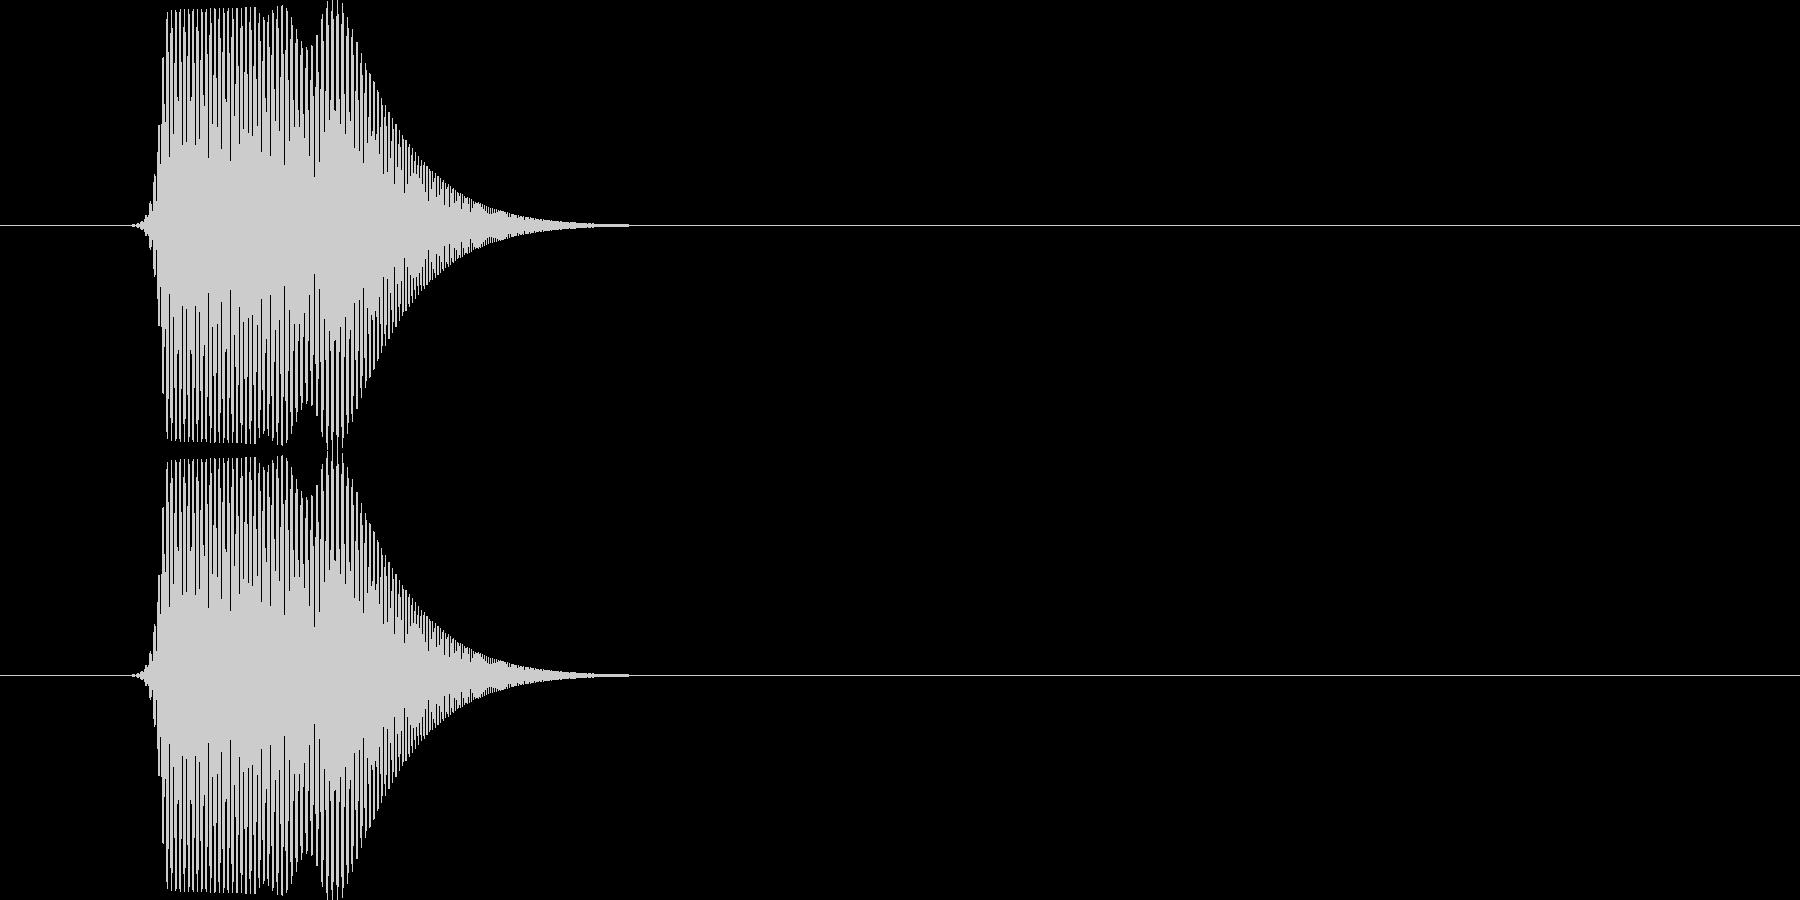 ポニュ(可愛いキャラクターの動作音)の未再生の波形